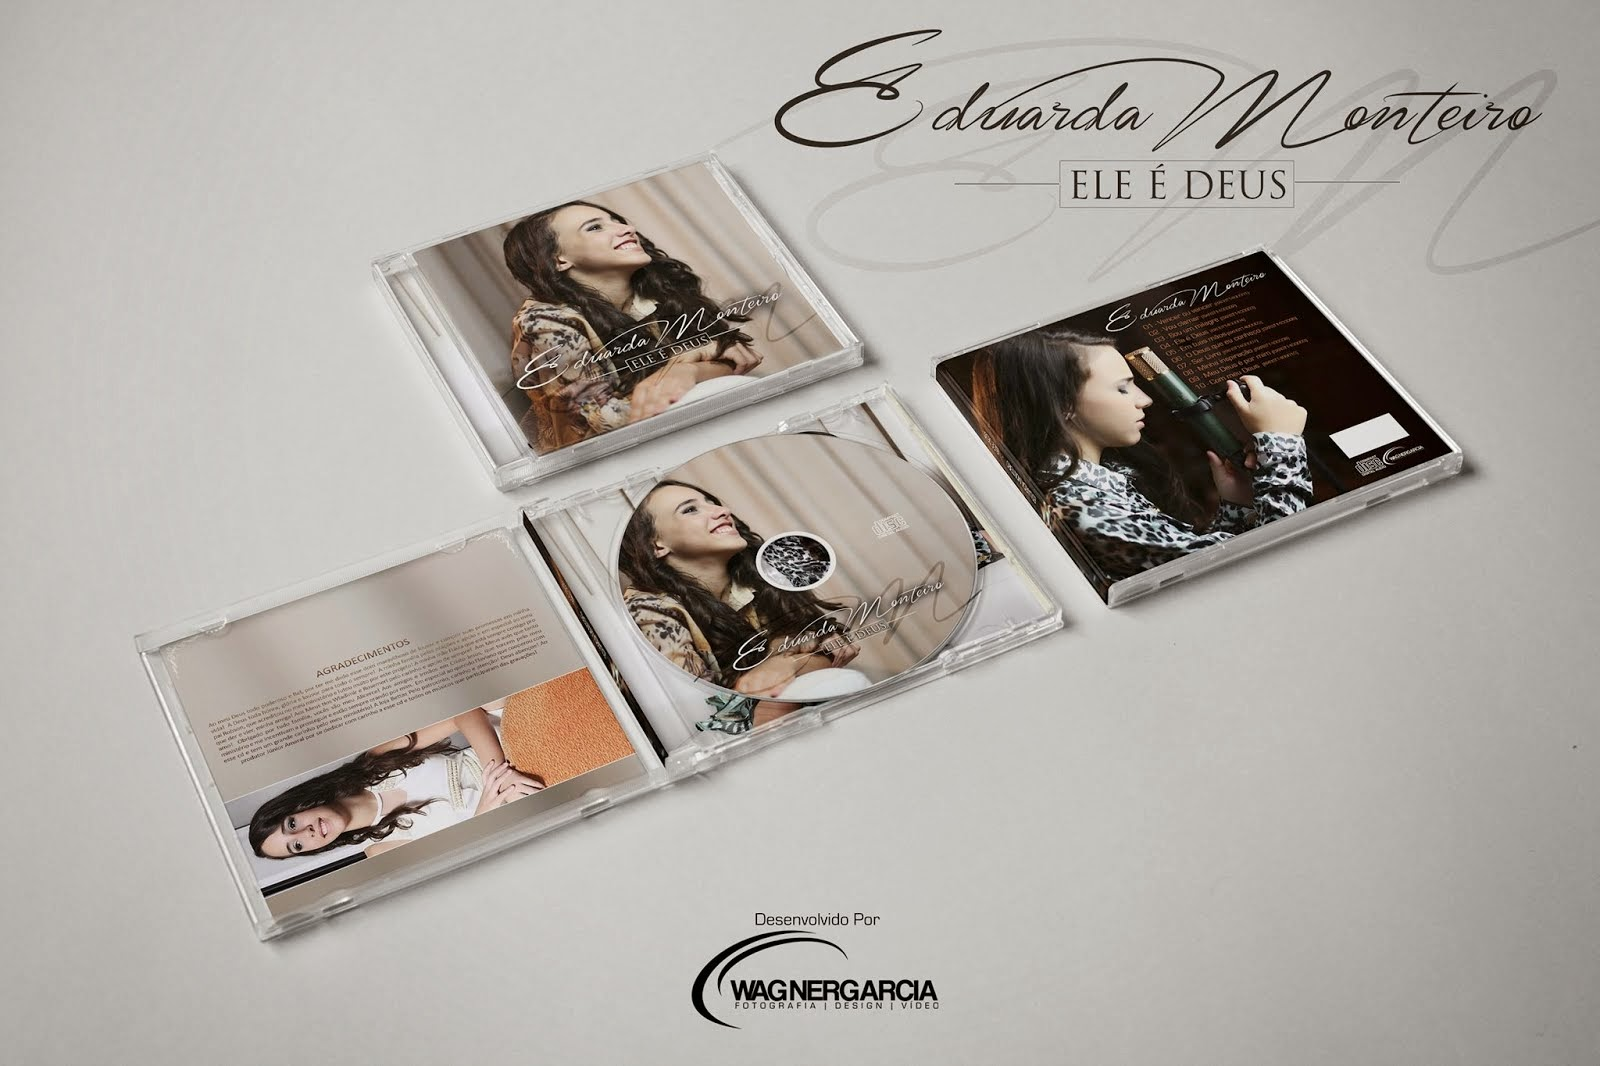 O CD de Eduarda Monteiro já está pronto. Deus é fiel Ele cumpriu oque prometeu